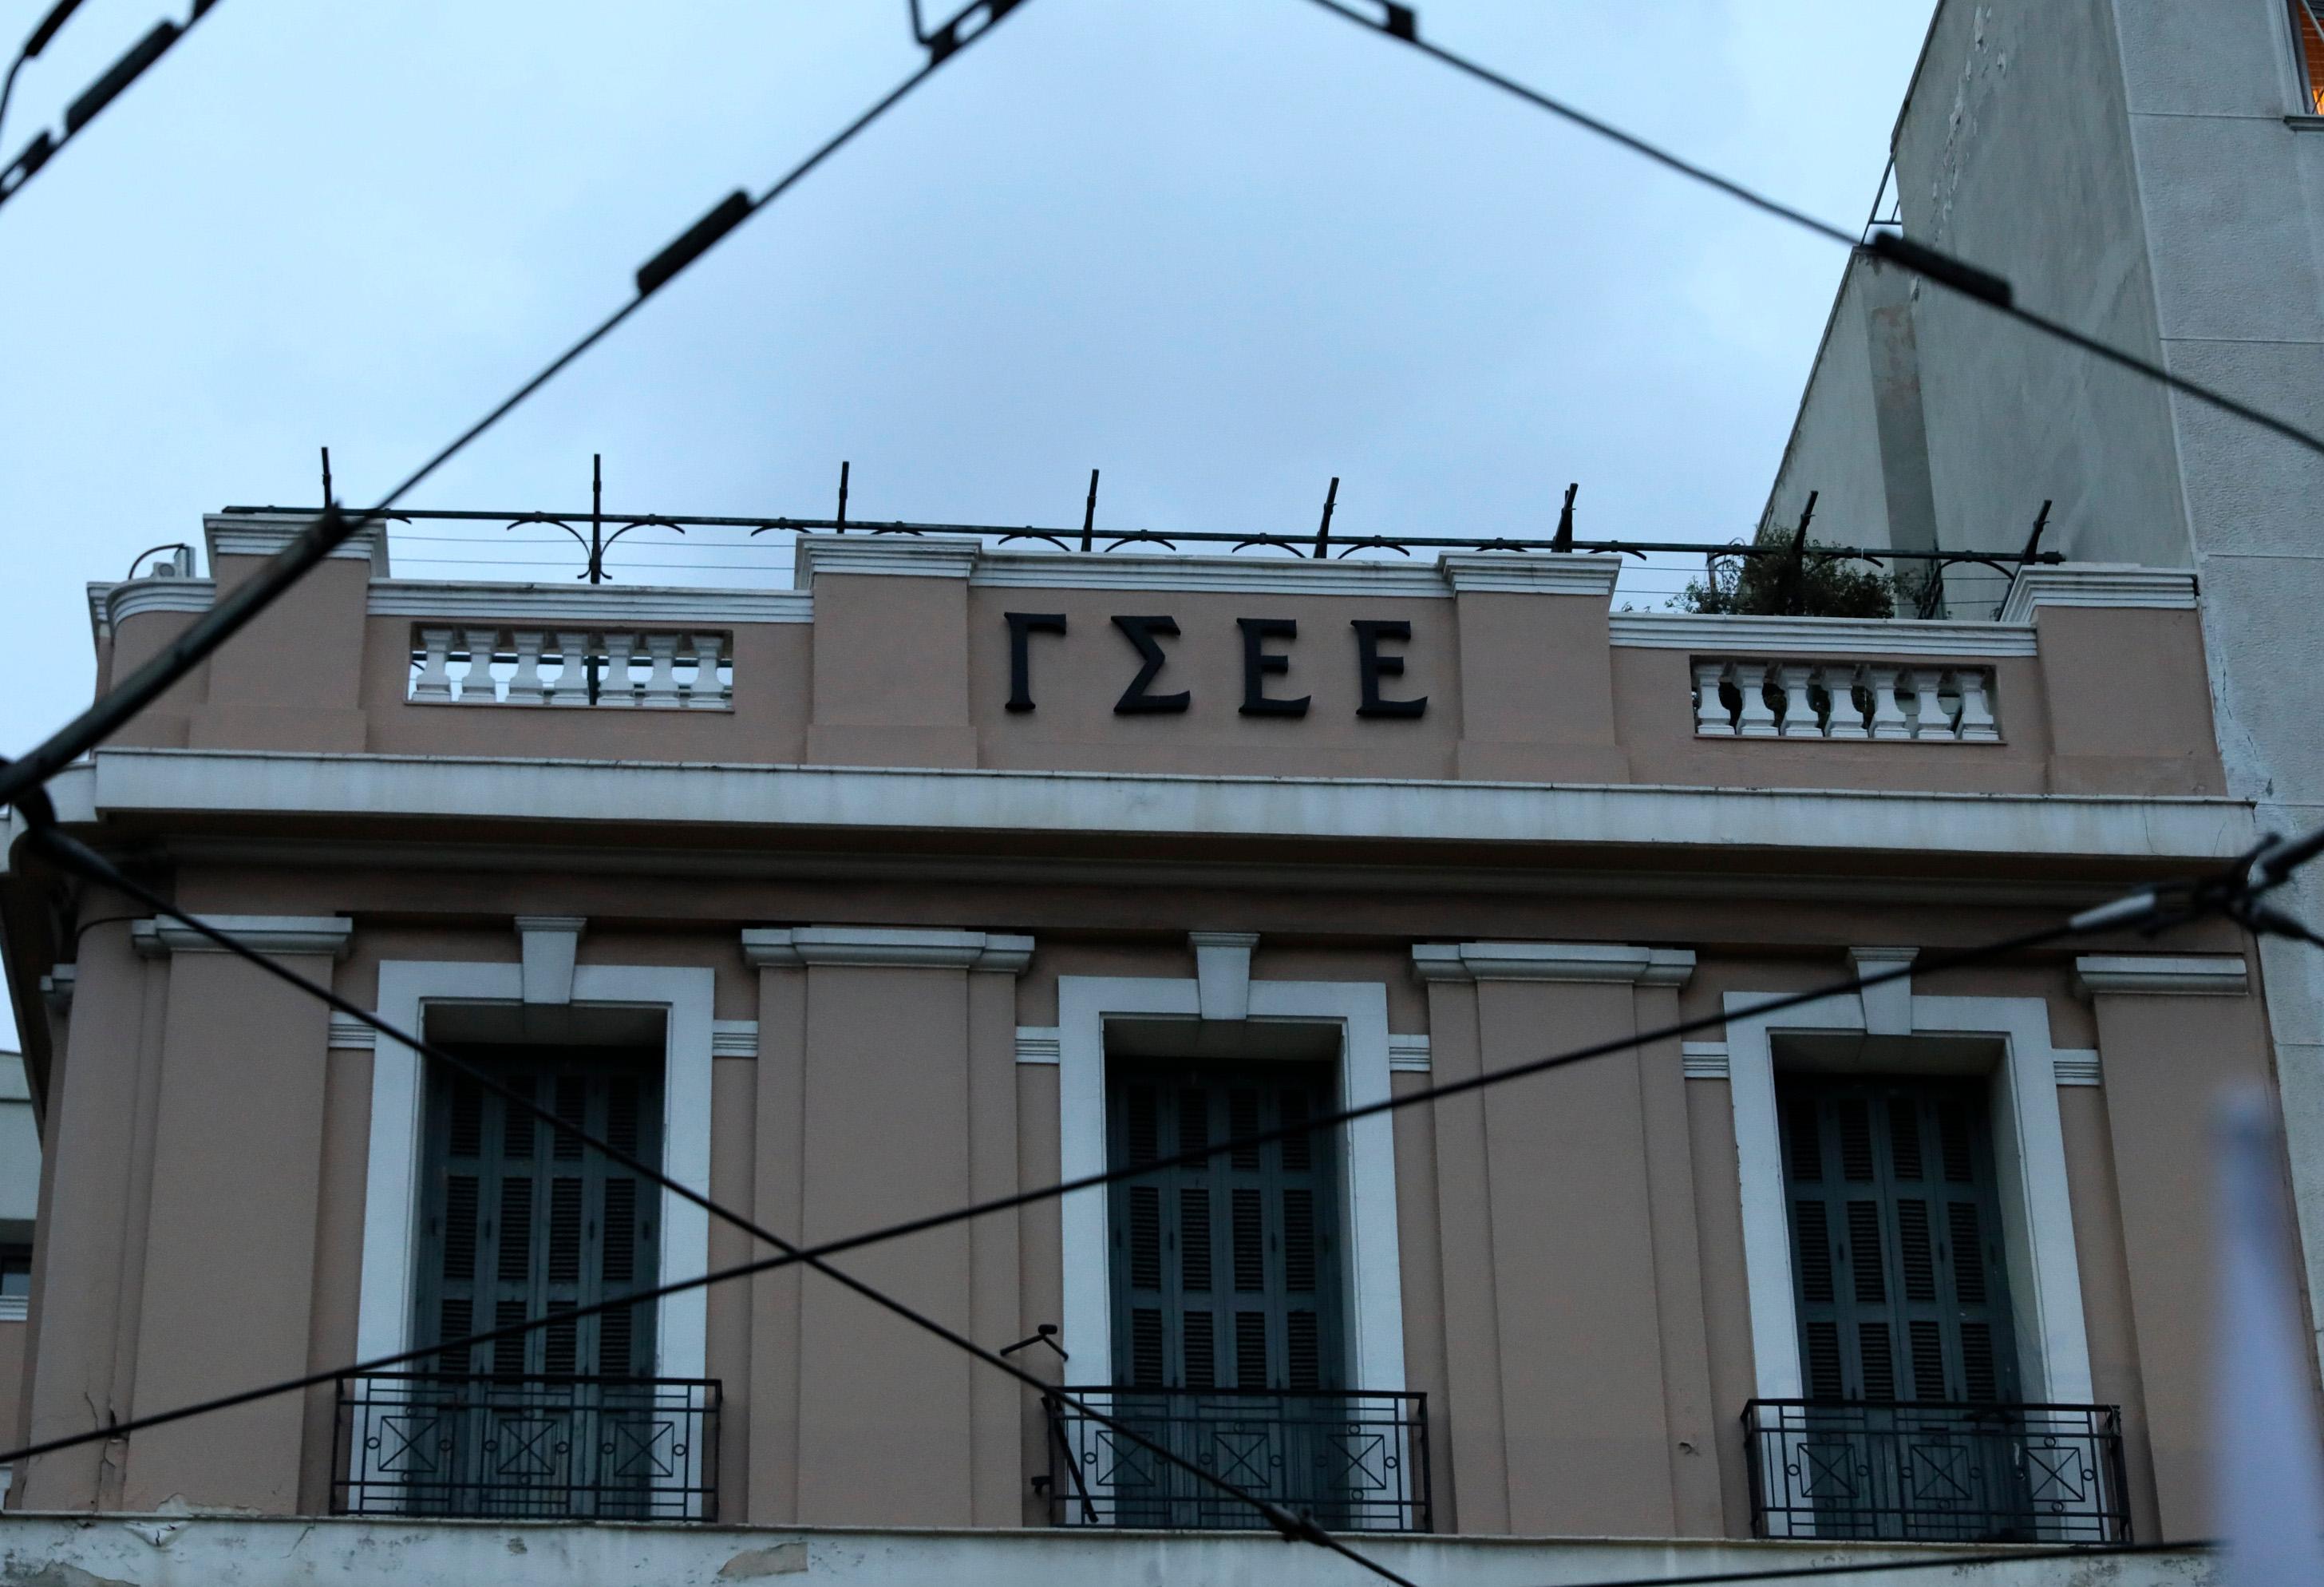 Απεργία 2 Οκτωβρίου: Πανό του ΠΑΜΕ στο κτίριο της ΓΣΕΕ [pic]